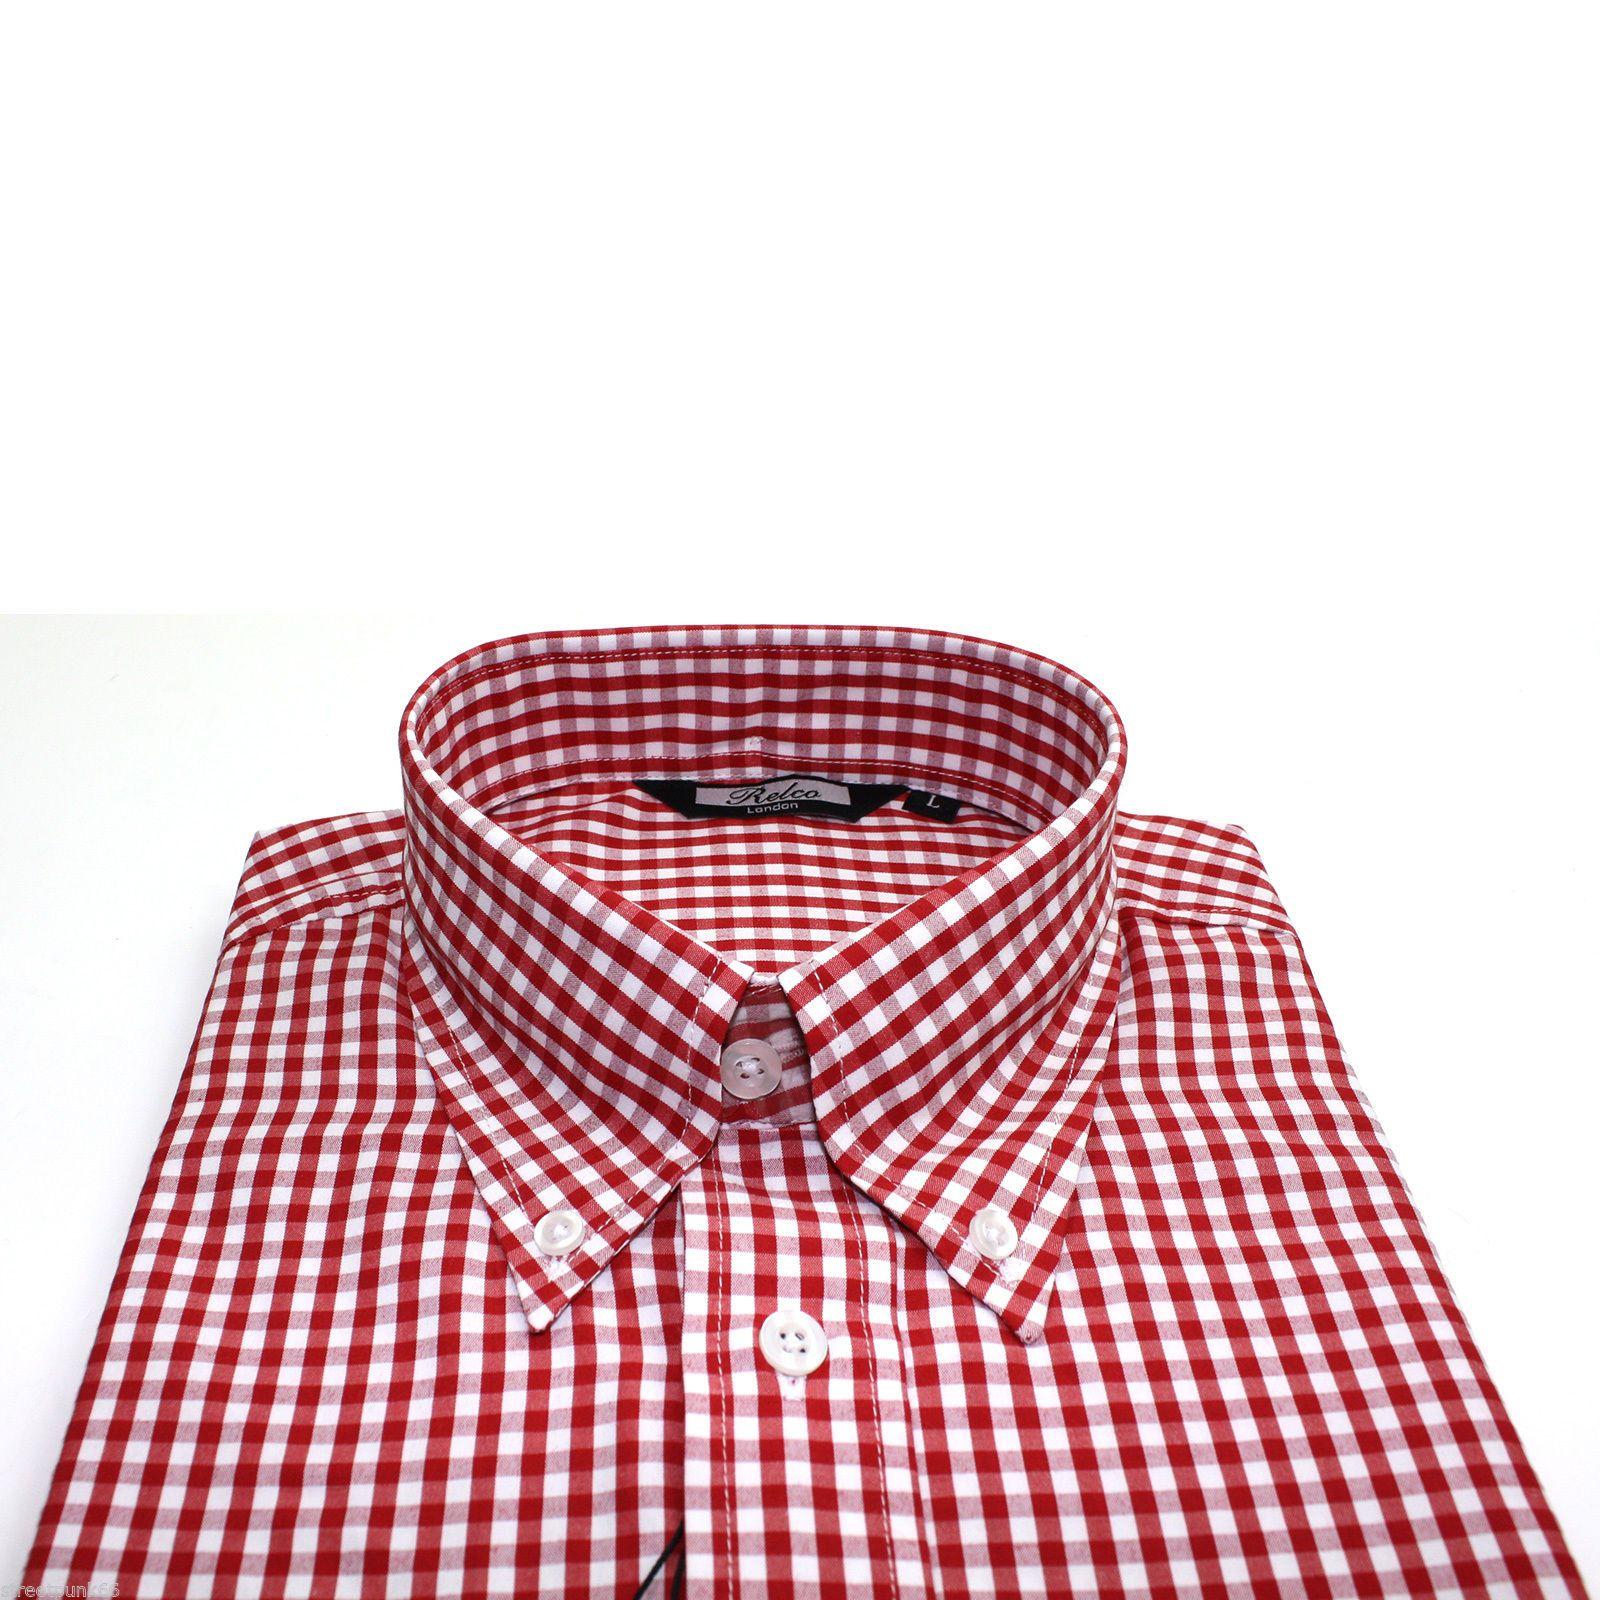 Womens Red And White Checkered Shirt